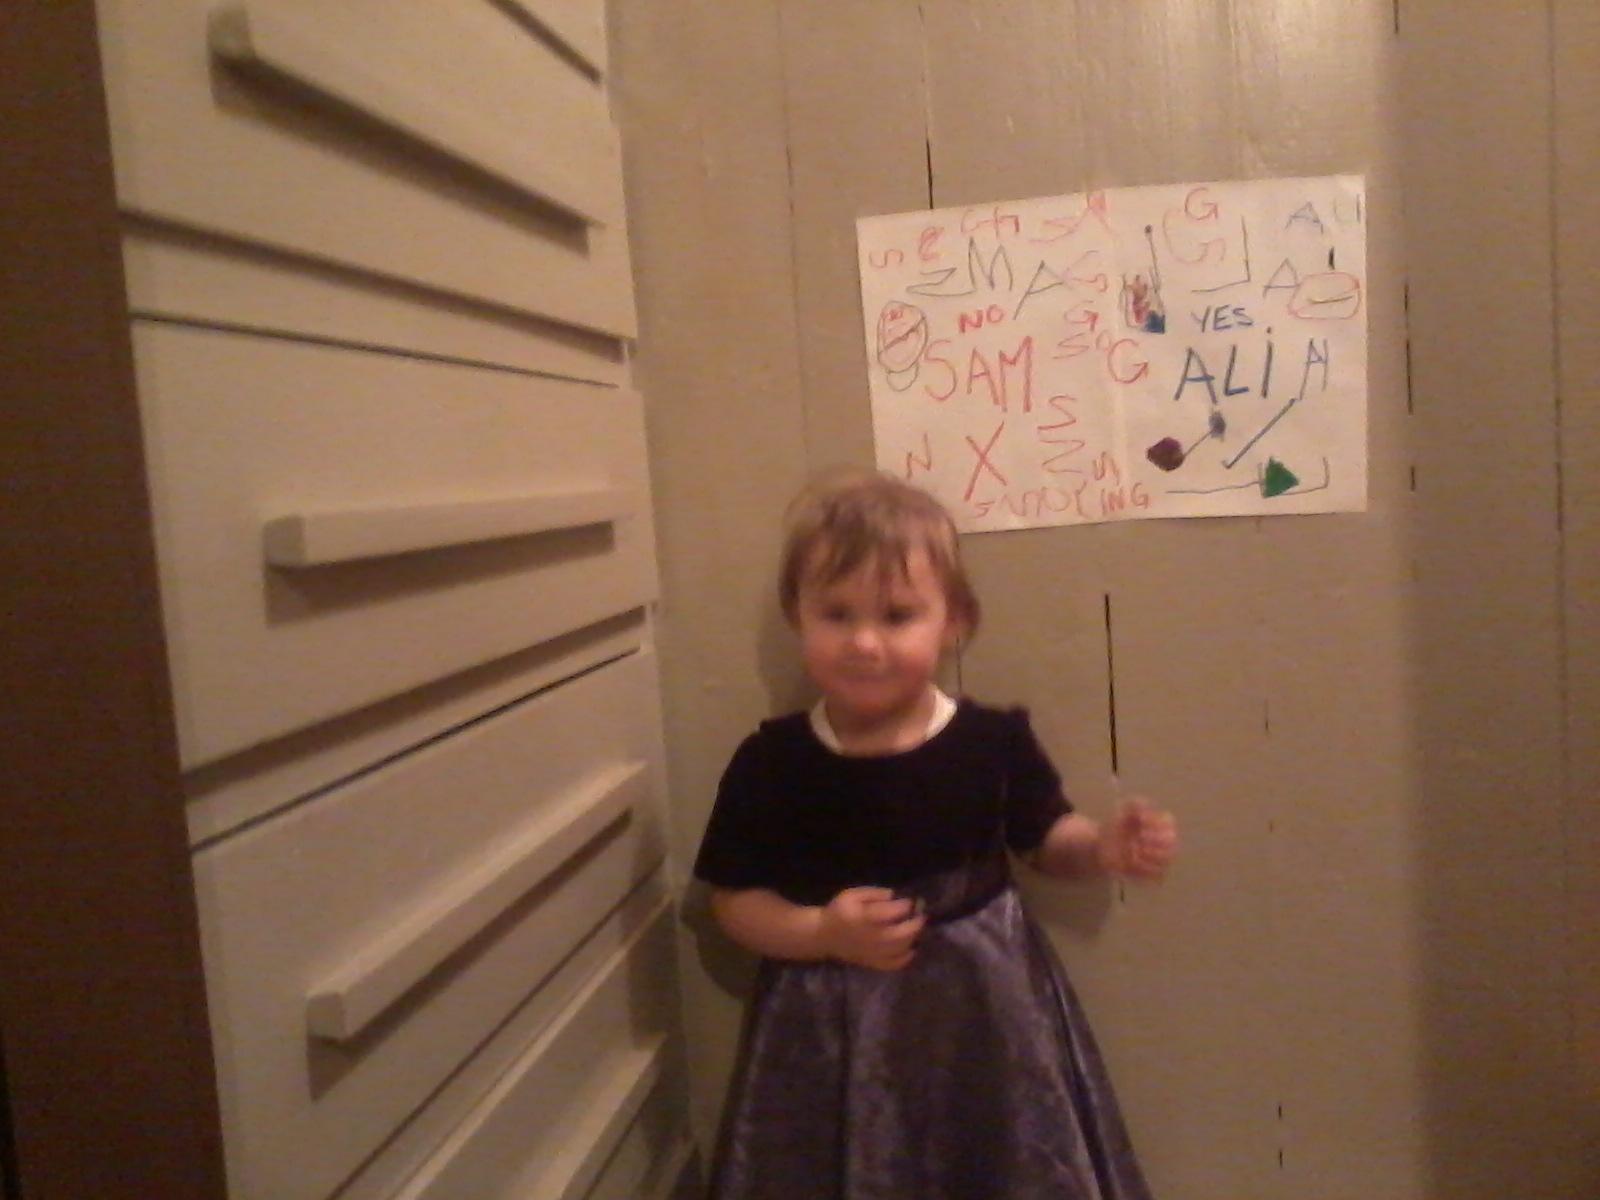 Sam/Sammi standing near Ali's wall drawing.